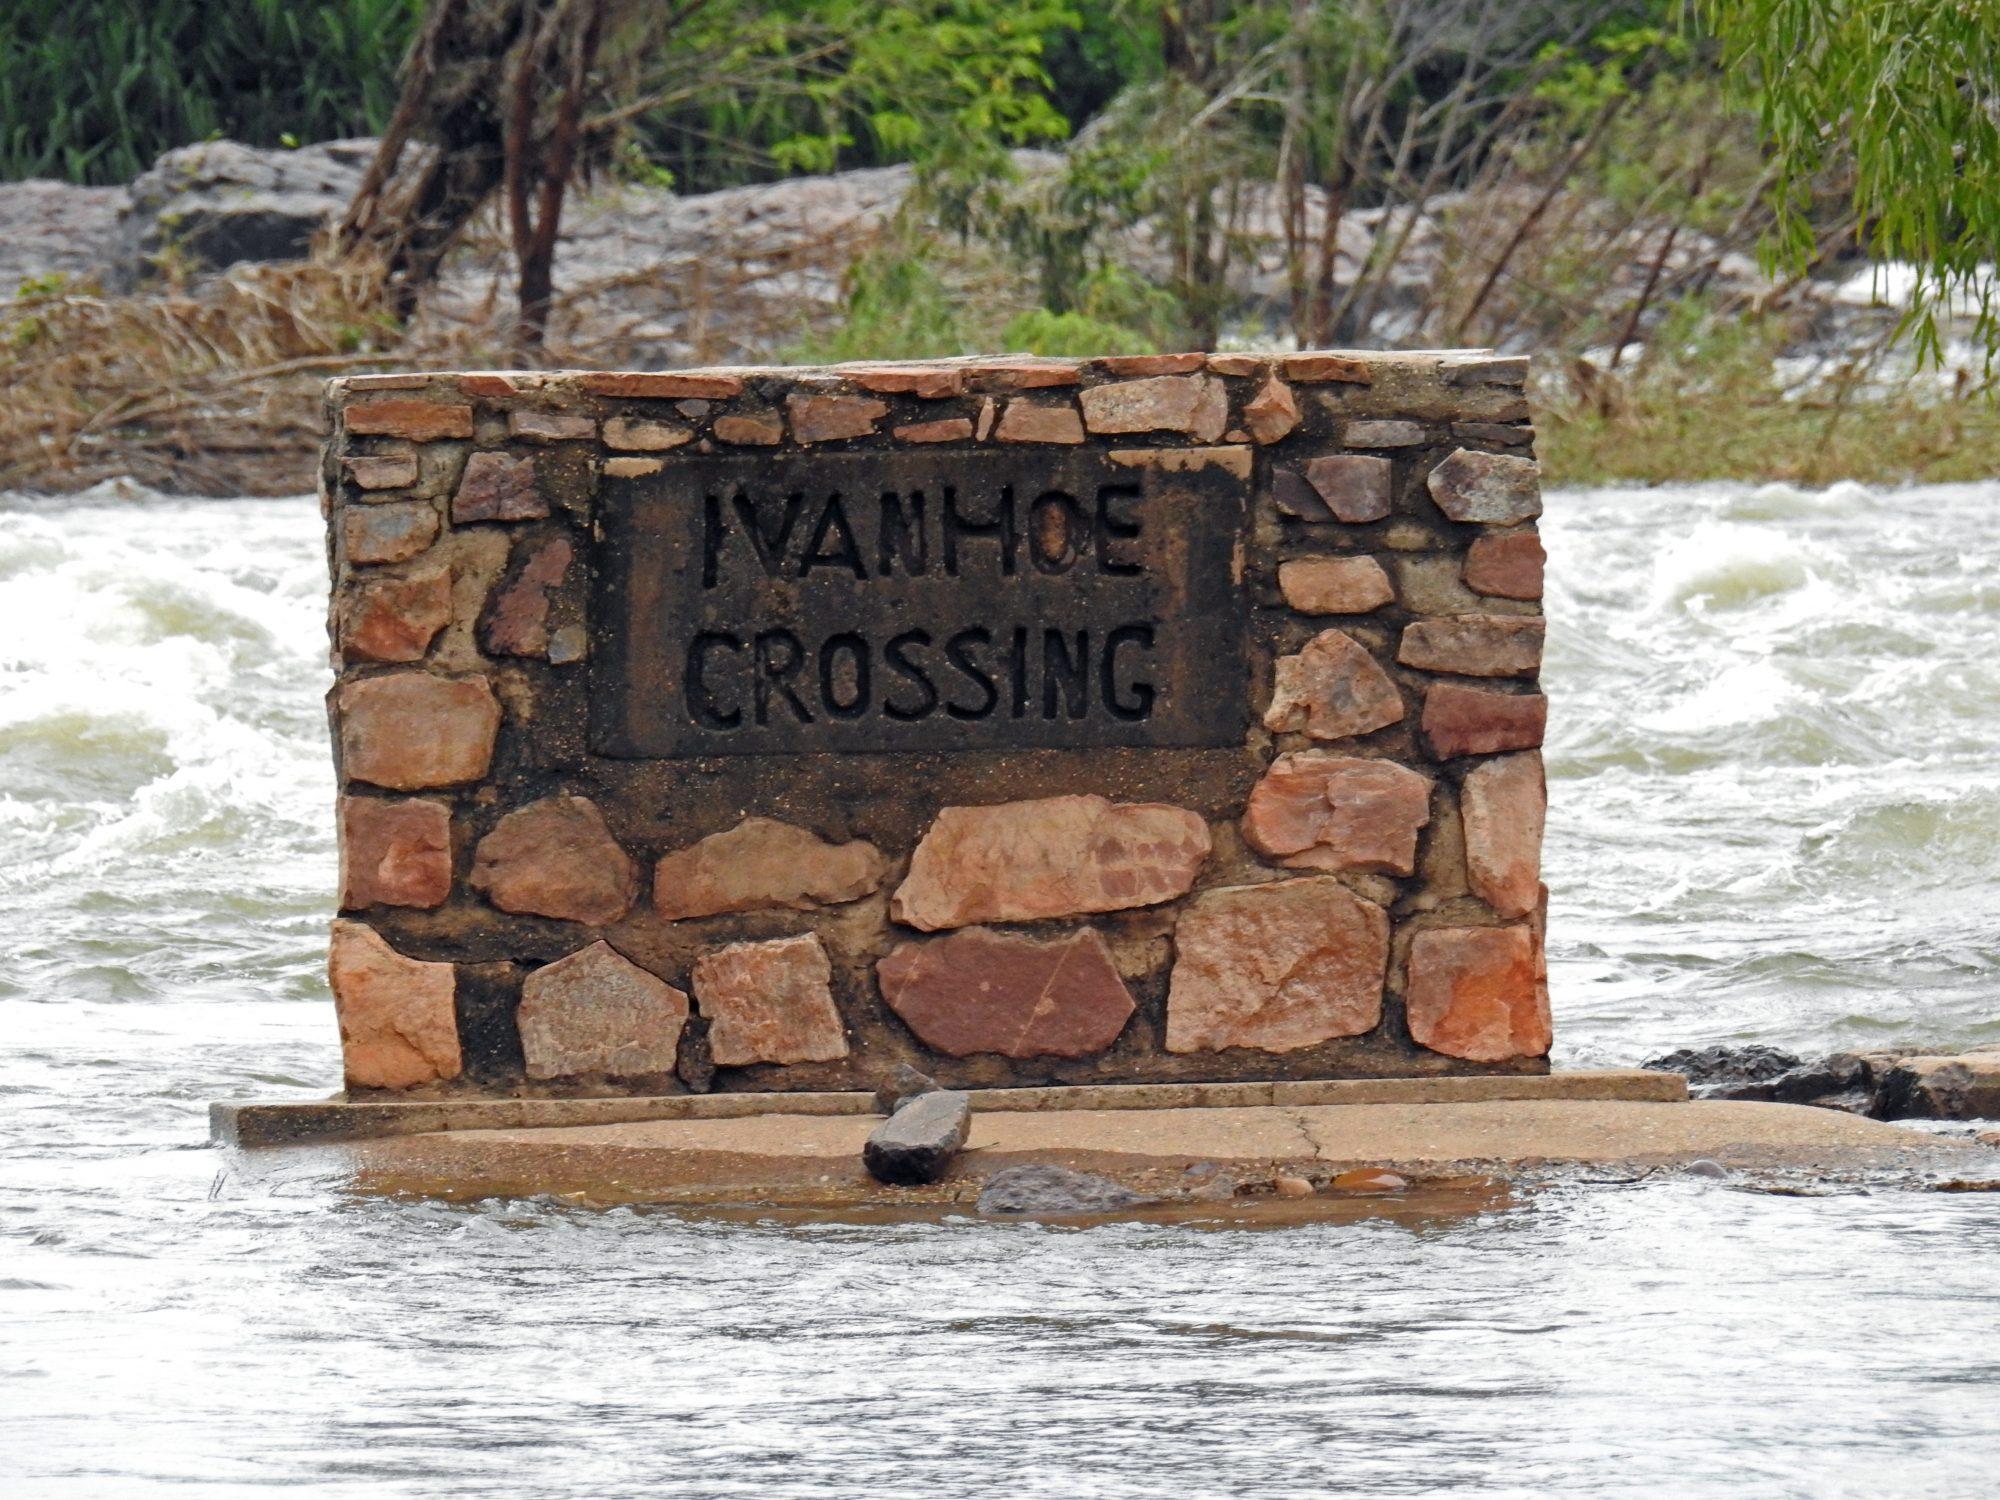 Ivanhoe Crossing